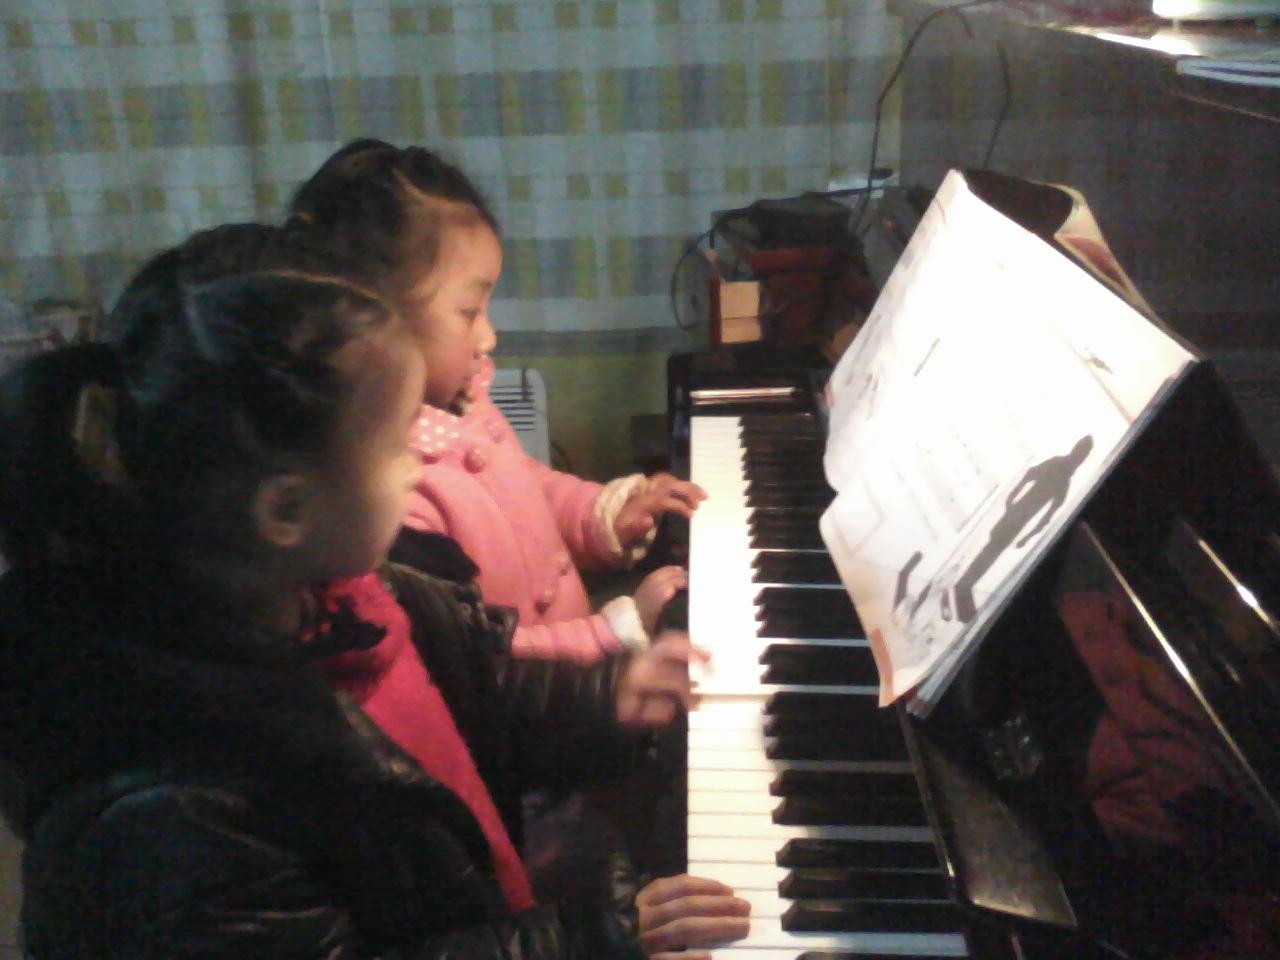 采用全开放式的国际化高层次快乐钢琴教学体系,让艺术涵盖的各个方面融汇贯通,拓展孩子的学习思路,开阔孩子的眼界。让孩子通过玩钢琴,开发智力、提高素质、养成良好的学习习小星星钢琴教室,我们秉承培养兴趣,突显个性,因材施教,全面发展的教学理念,多年的教学经验告诉我们没有一种学习方法是万能的,只有适合孩子的才是最好的,我们重在培养孩子的音乐兴趣,以趣味性与知识性为一体的教育方式培养对音乐方面的感知和认识。 培训对象:4岁以上音乐爱好者 联系我时请说明是在阿城网看到的 同城交易请当面进行,以免造成损失。外地交